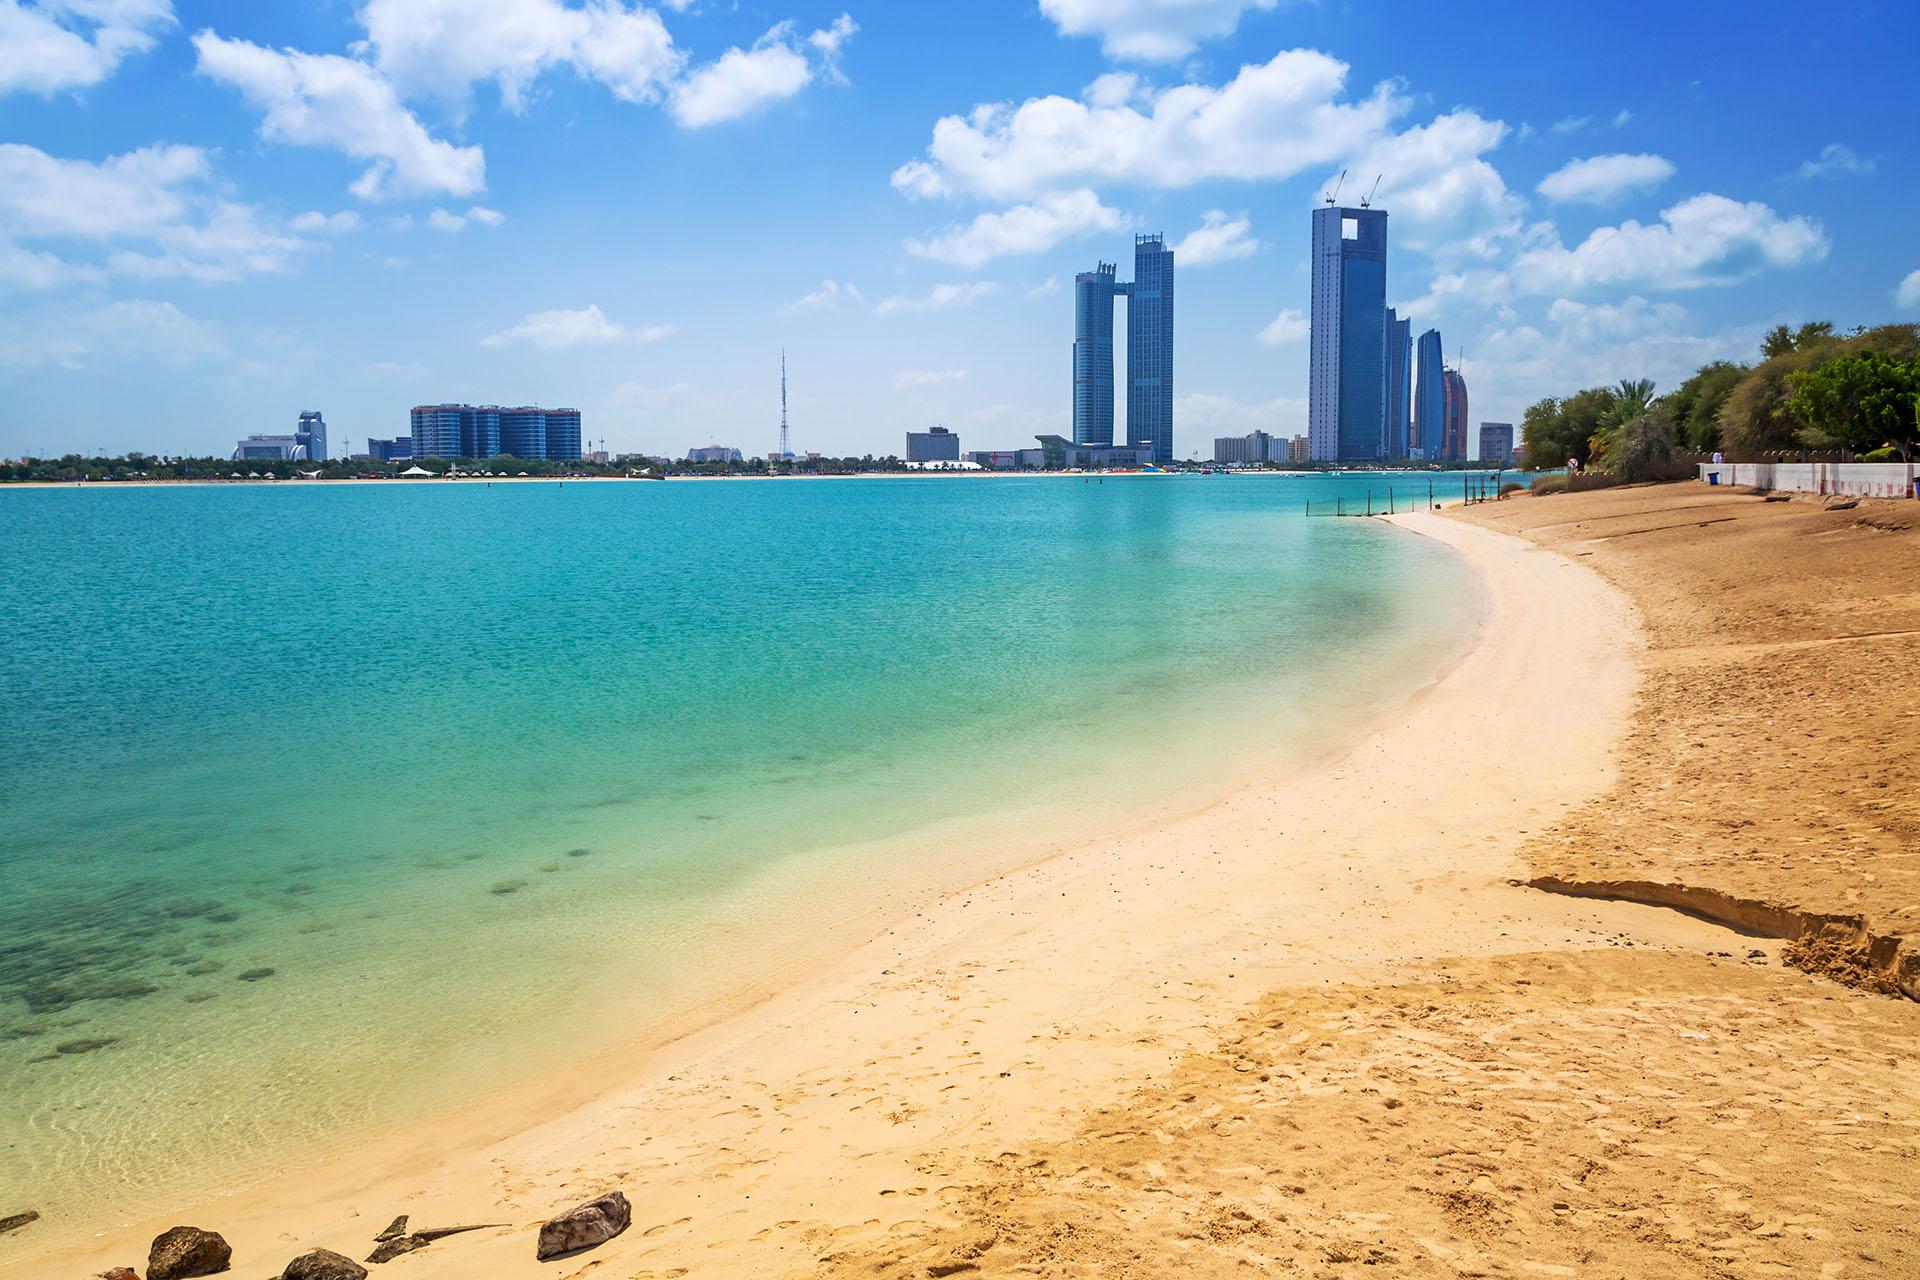 La inmaculada playa de Corniche de Abu Dabi es una fantástica playa en la ciudad, donde los paseos marítimos dan al Golfo Arábigo. Con los rascacielos de fondo, es una oportunidad para disfrutar de espaldas a la impresionante urbe